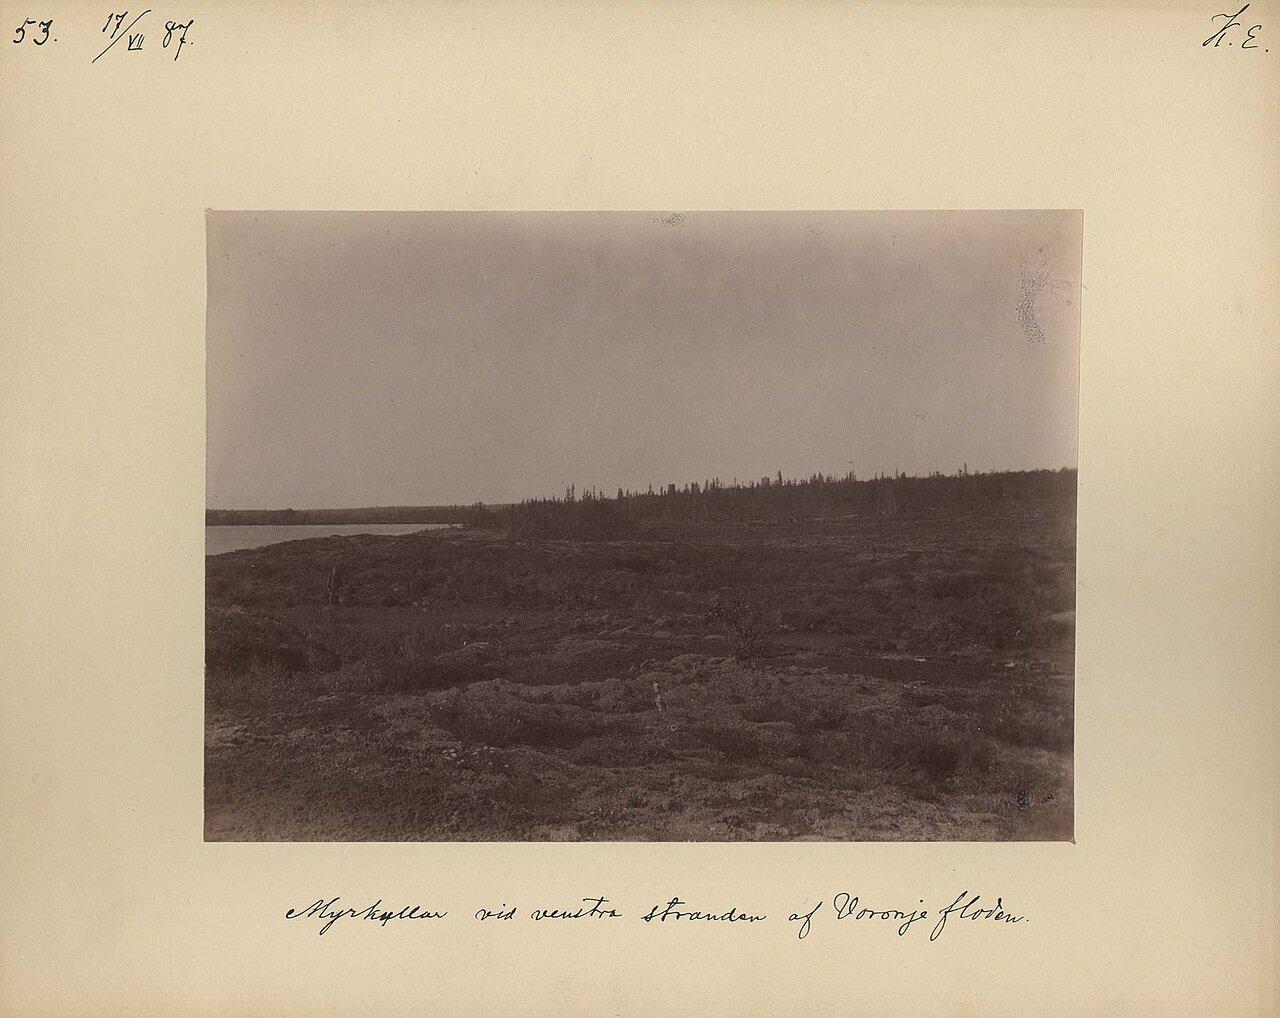 17.7.1887 в 7-8 часов утра. Болото на левом берегу реки Воронья